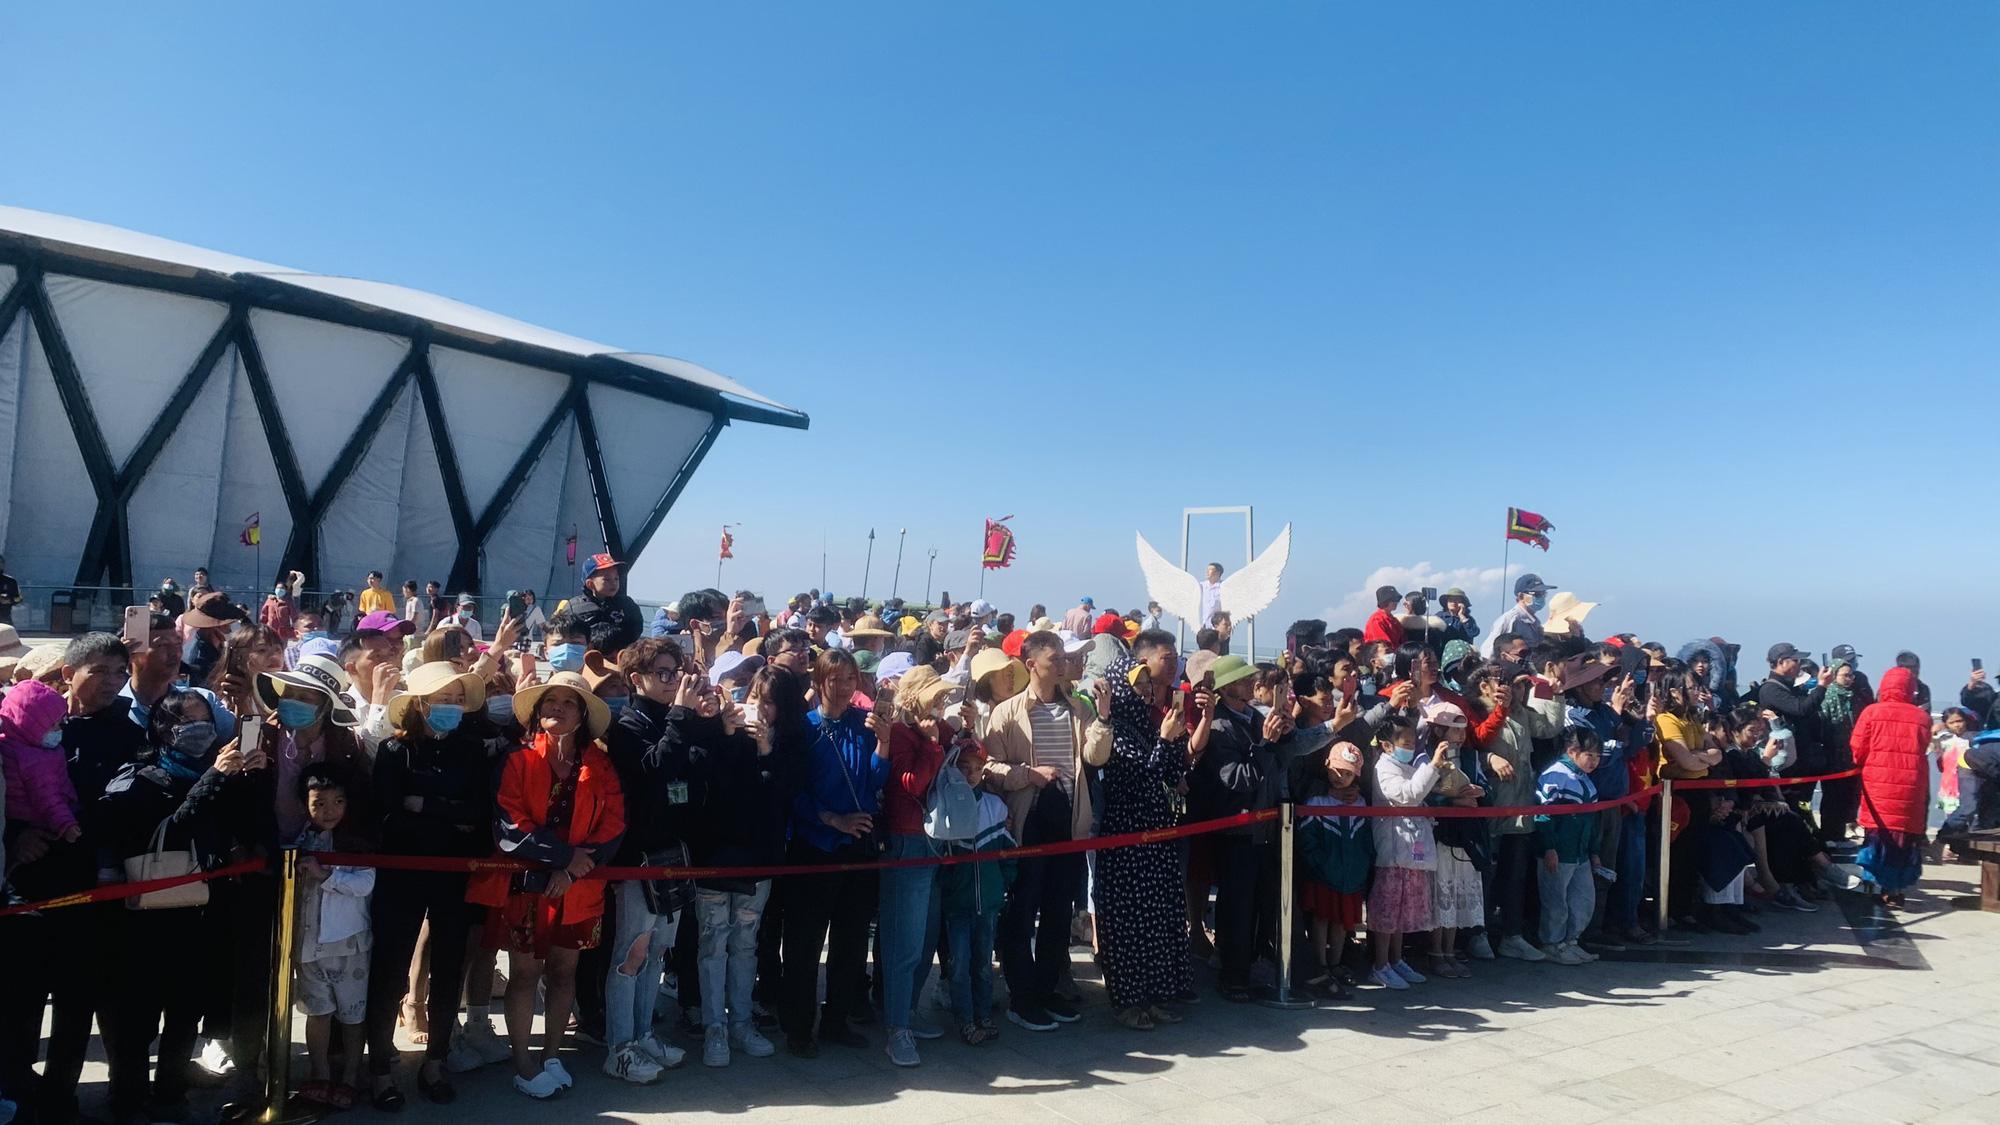 Gần 10.000 du khách đổ về Sa Pa vui chơi ngày Giỗ tổ Hùng Vương - Ảnh 2.